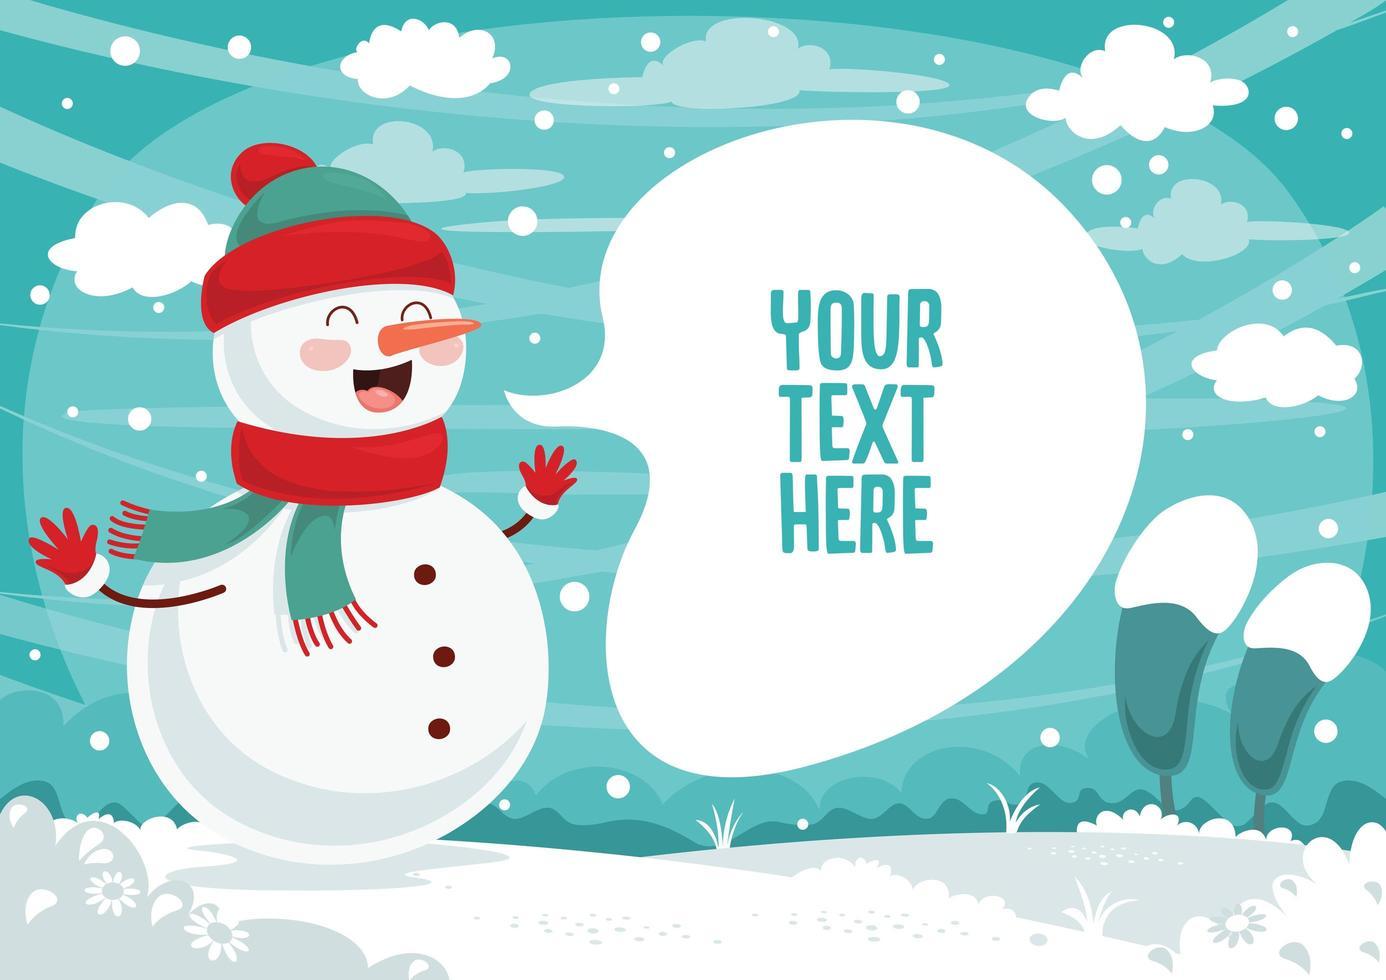 sneeuwpop en tekstballon in winterlandschap vector